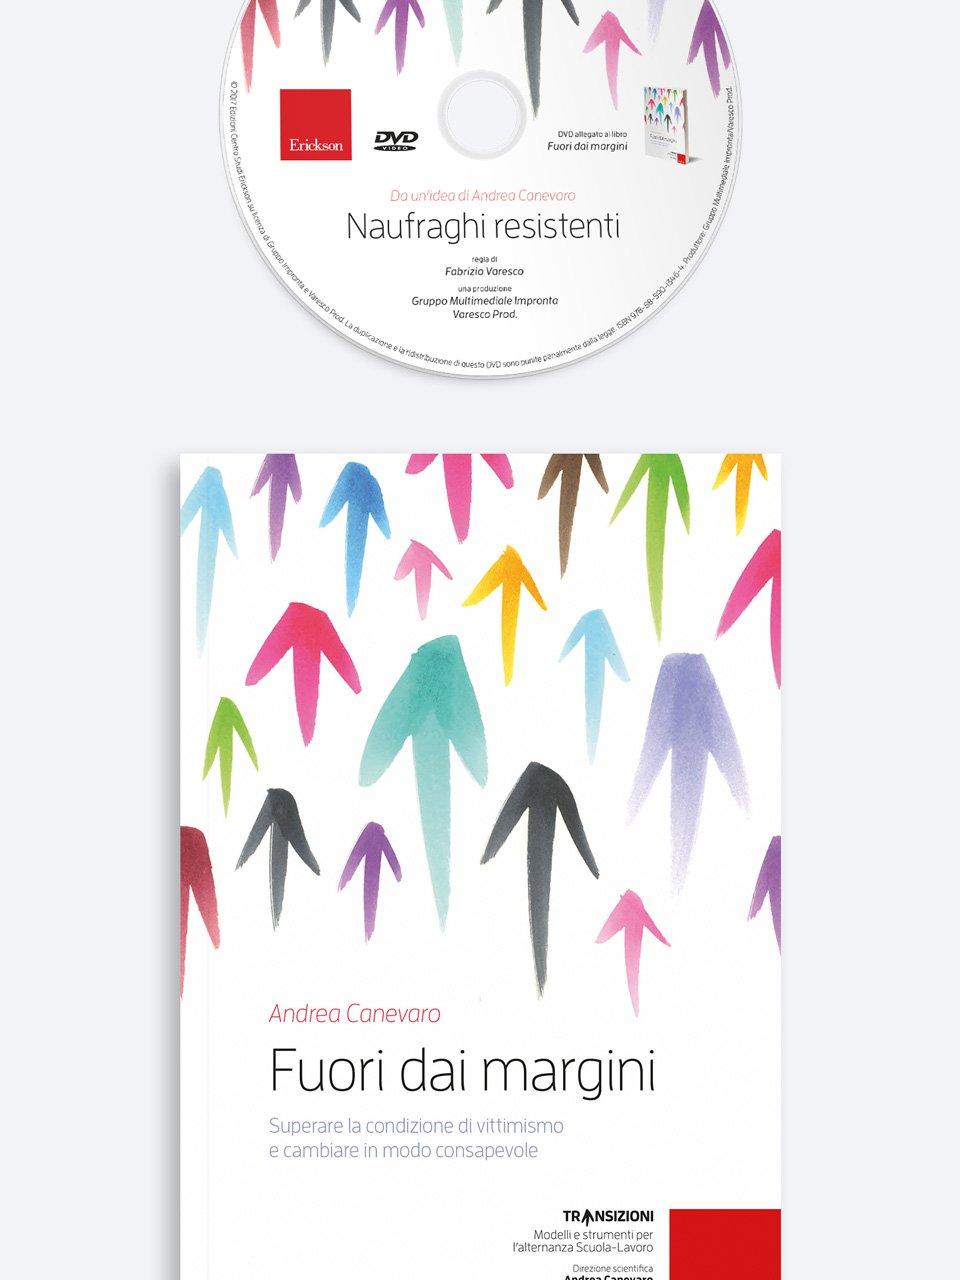 Fuori dai margini - Il diritto alla sessualità e la disabilità, tra bi - Libri - Erickson